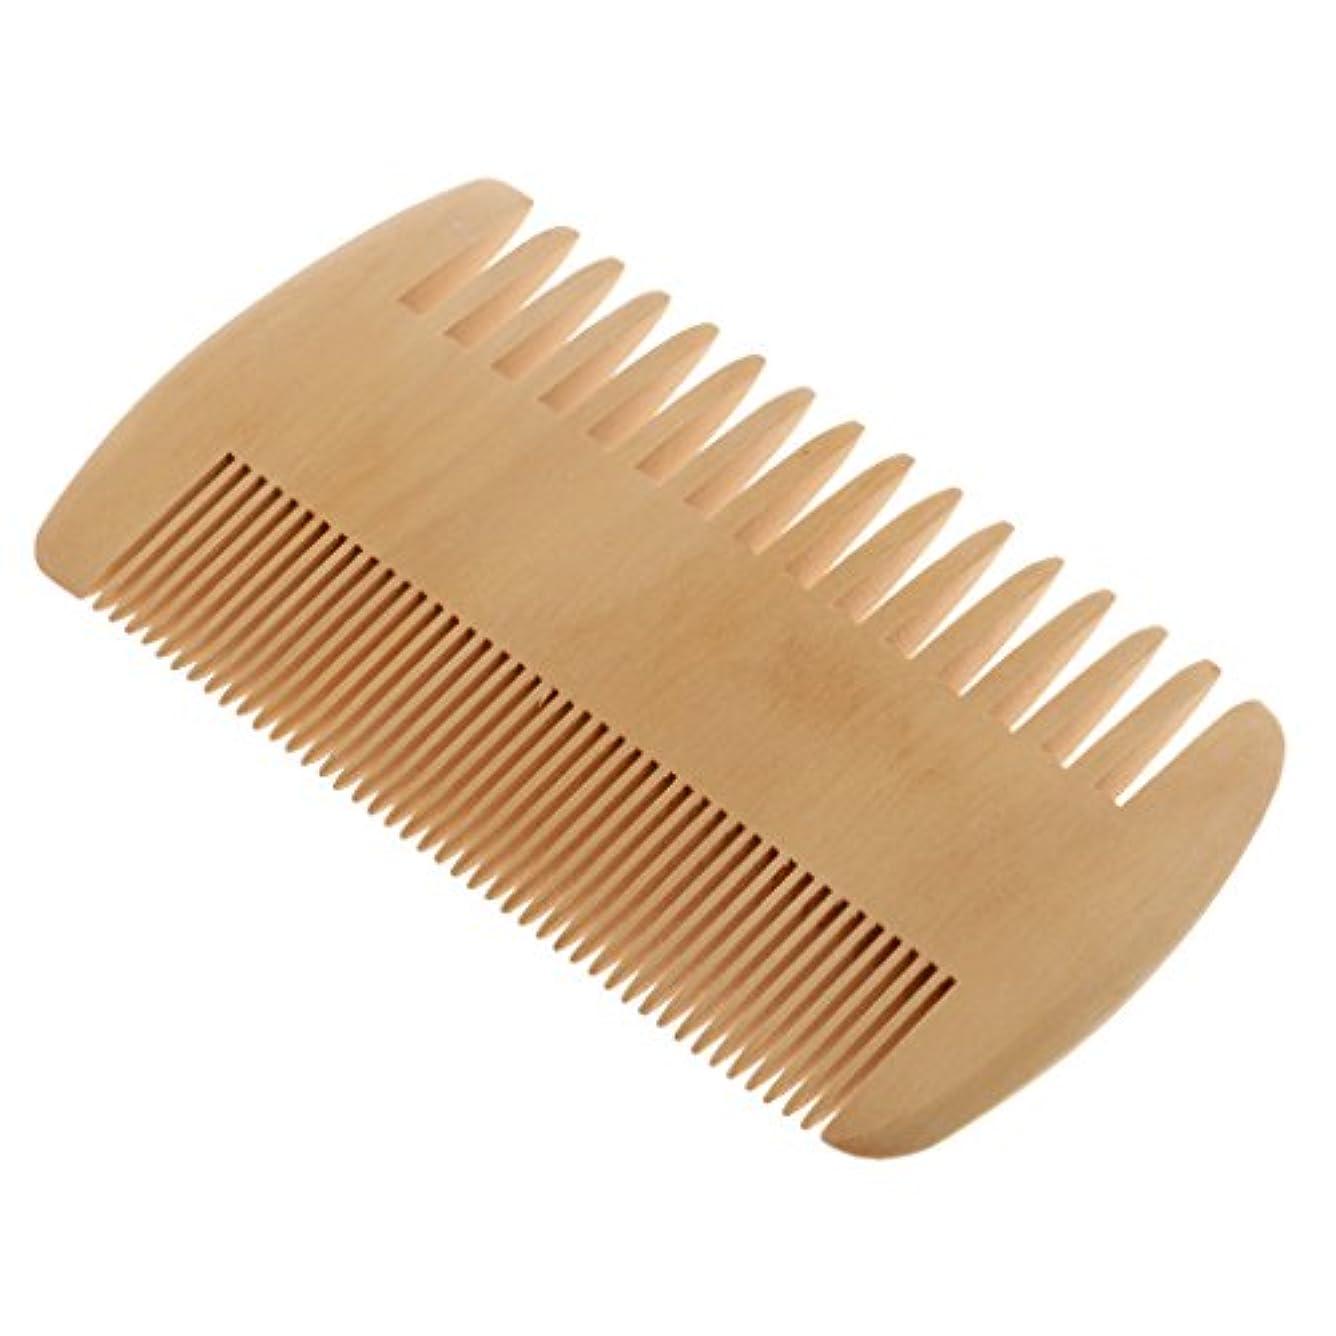 散文換気テロ木製コーム 木製櫛 ヘアブラシ 帯電防止櫛 ポケットコーム ヘアスタイリング 用品